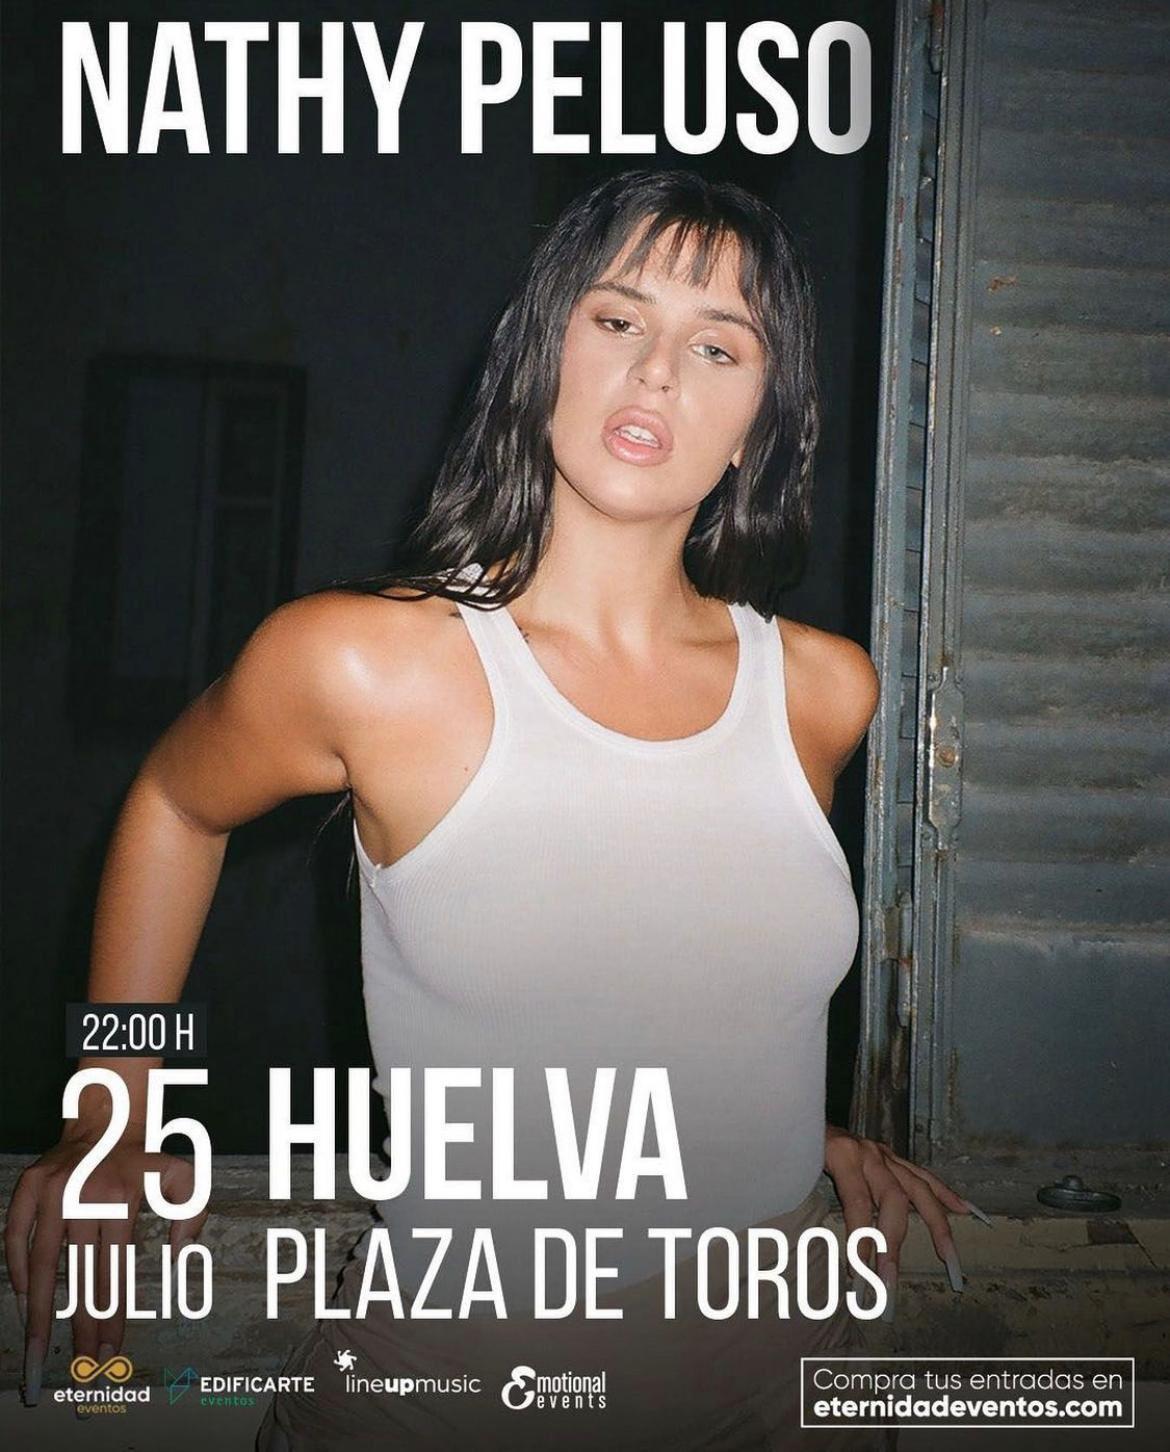 Nathy Peluso, este fin de semana en concierto en Huelva